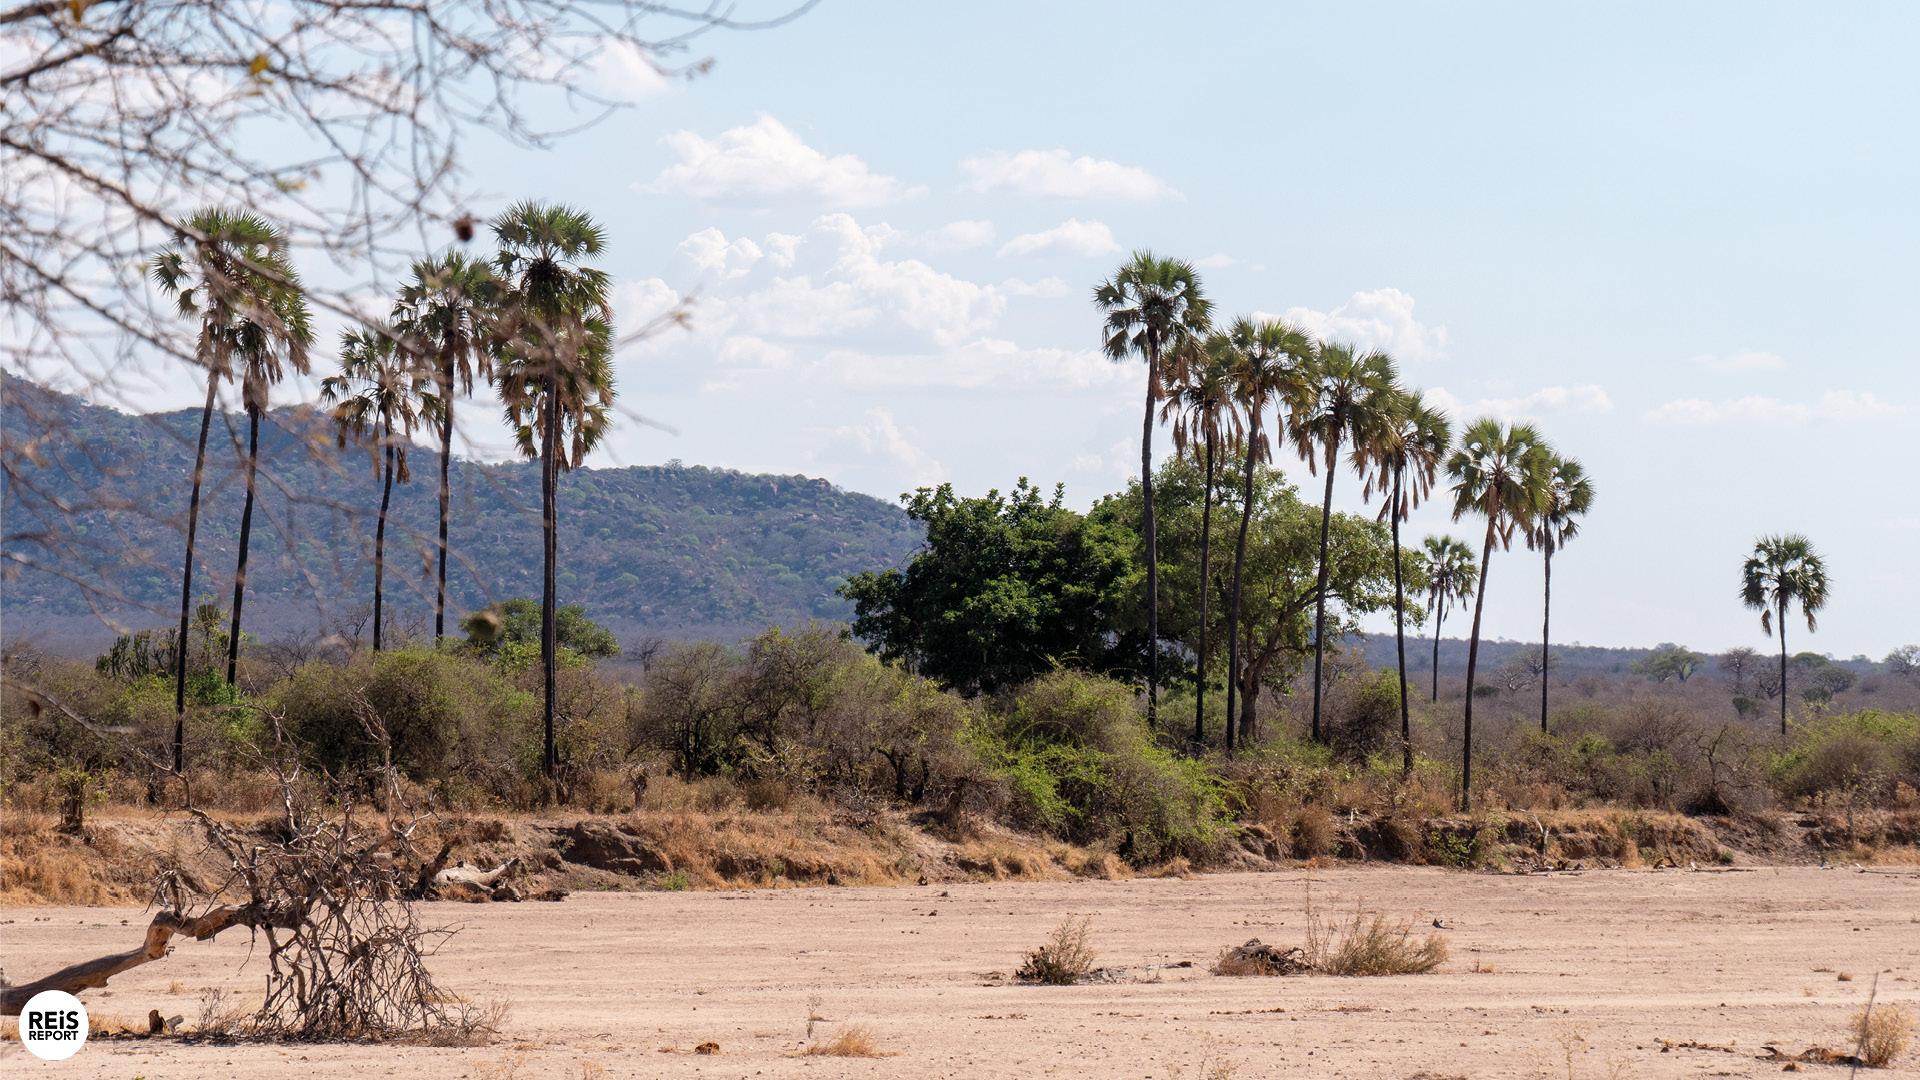 ruaha-national-park